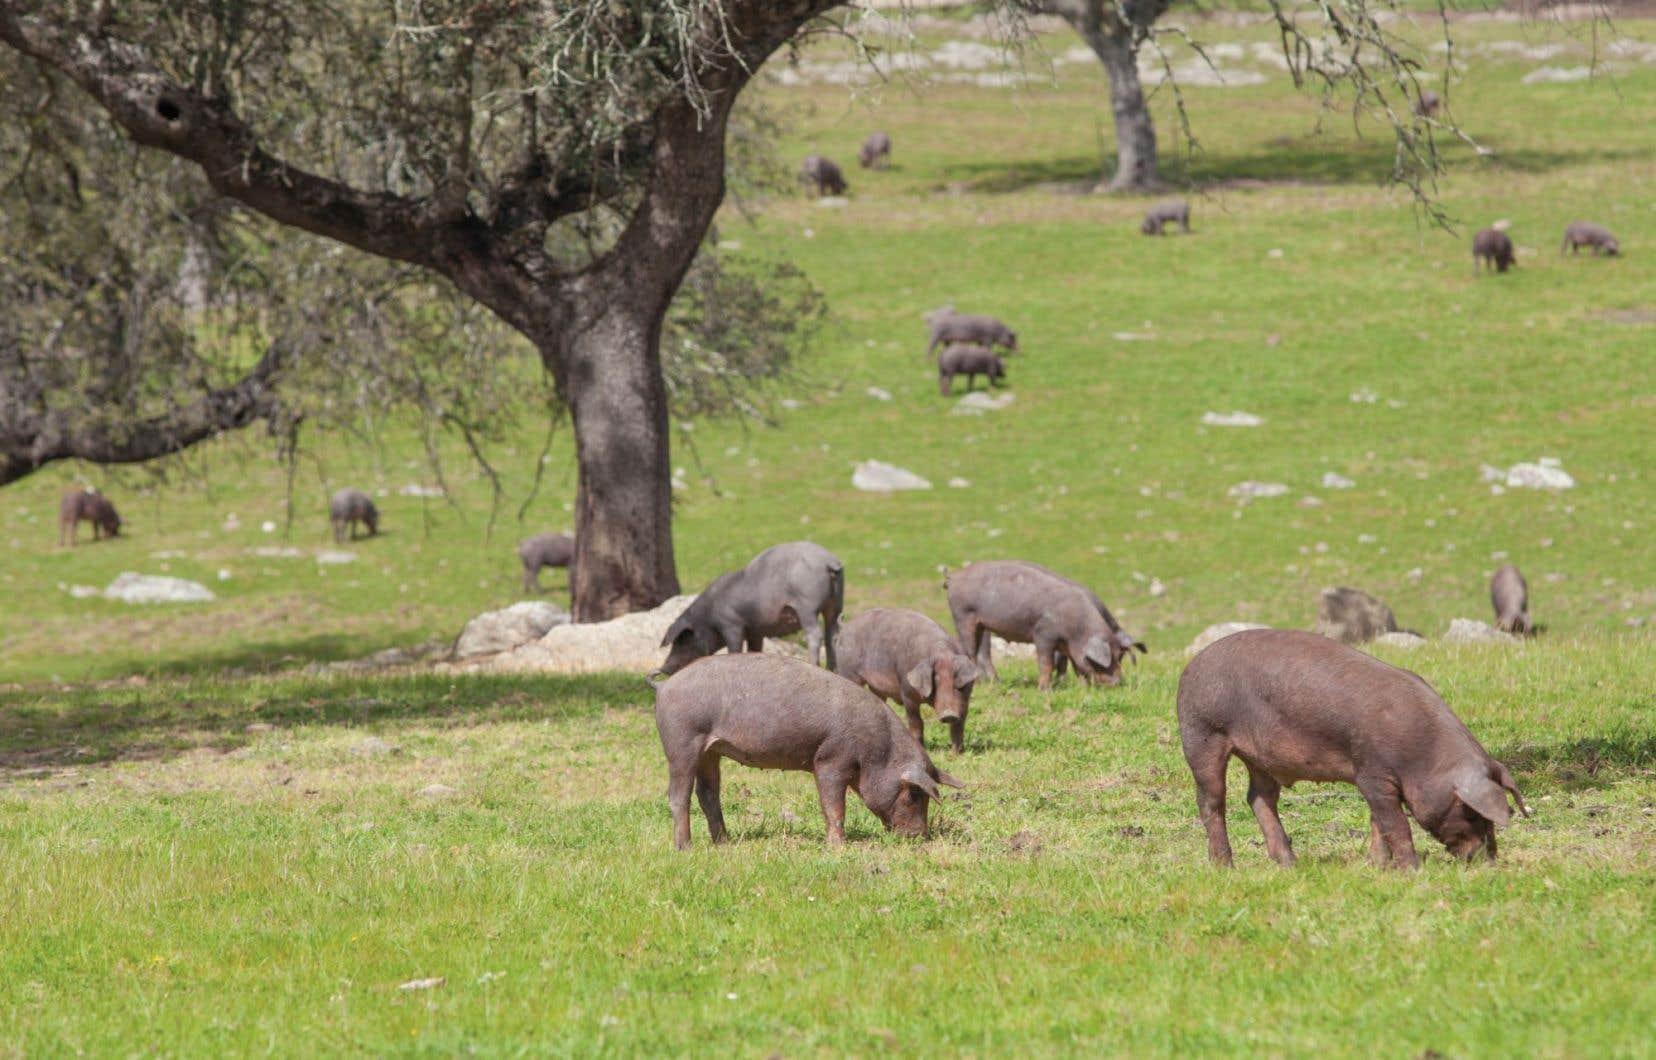 Cette image bucolique de cochons noirs en liberté n'a malheureusement rien à voir avec la réalité des élevages industriels. Le journaliste Aymeric Caron nous rappelle que, de tous les animaux d'élevage, le cochon est le plus proche de l'homme.